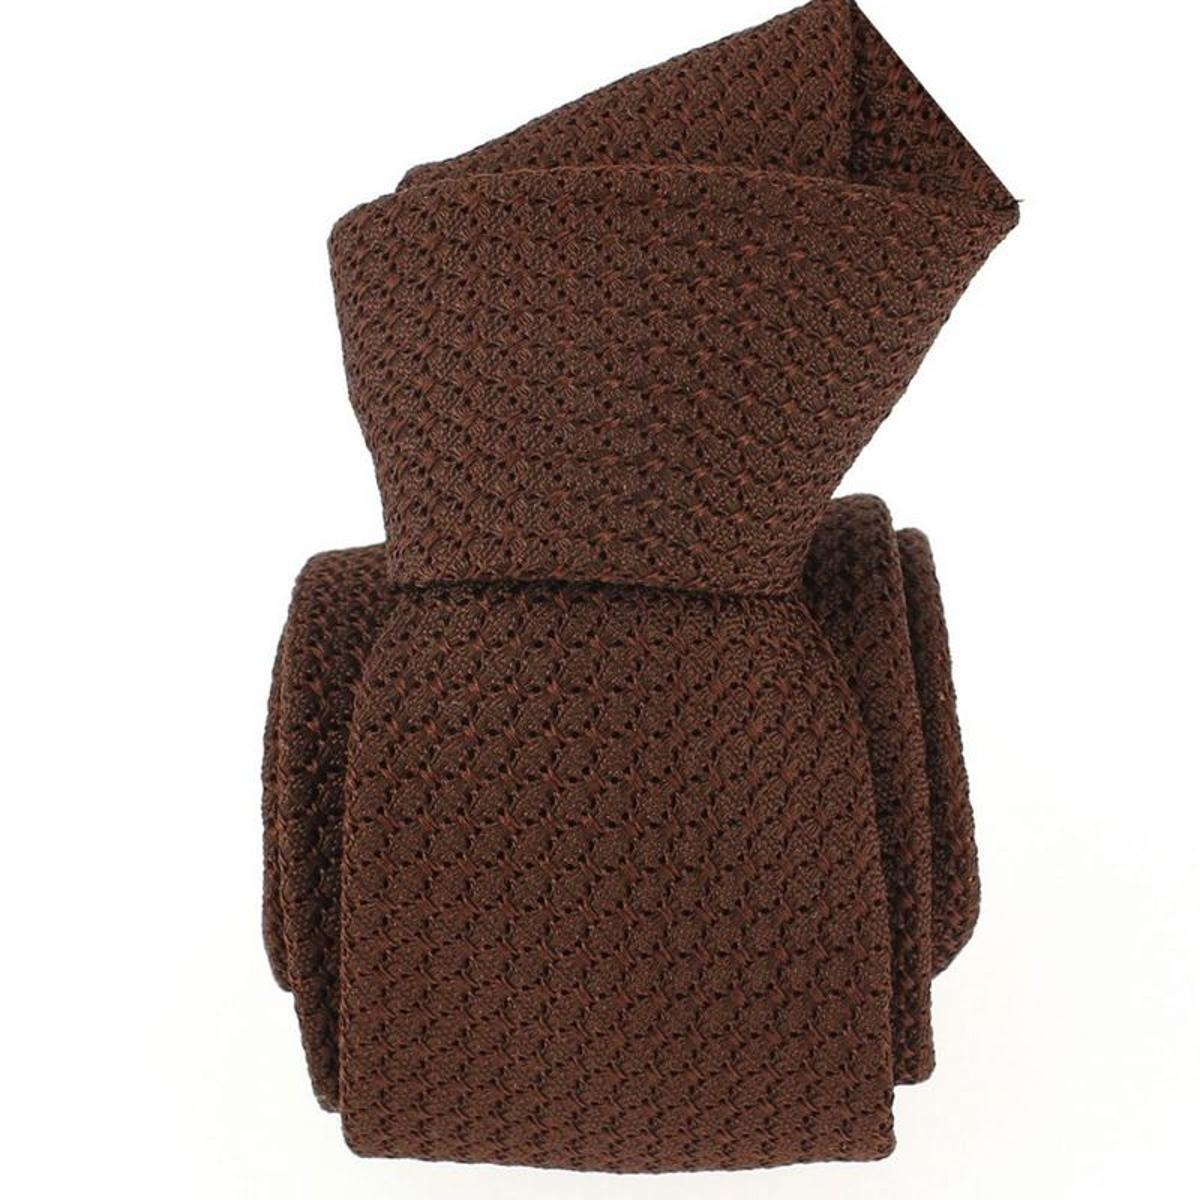 Cravate grenadine de soie soie premium